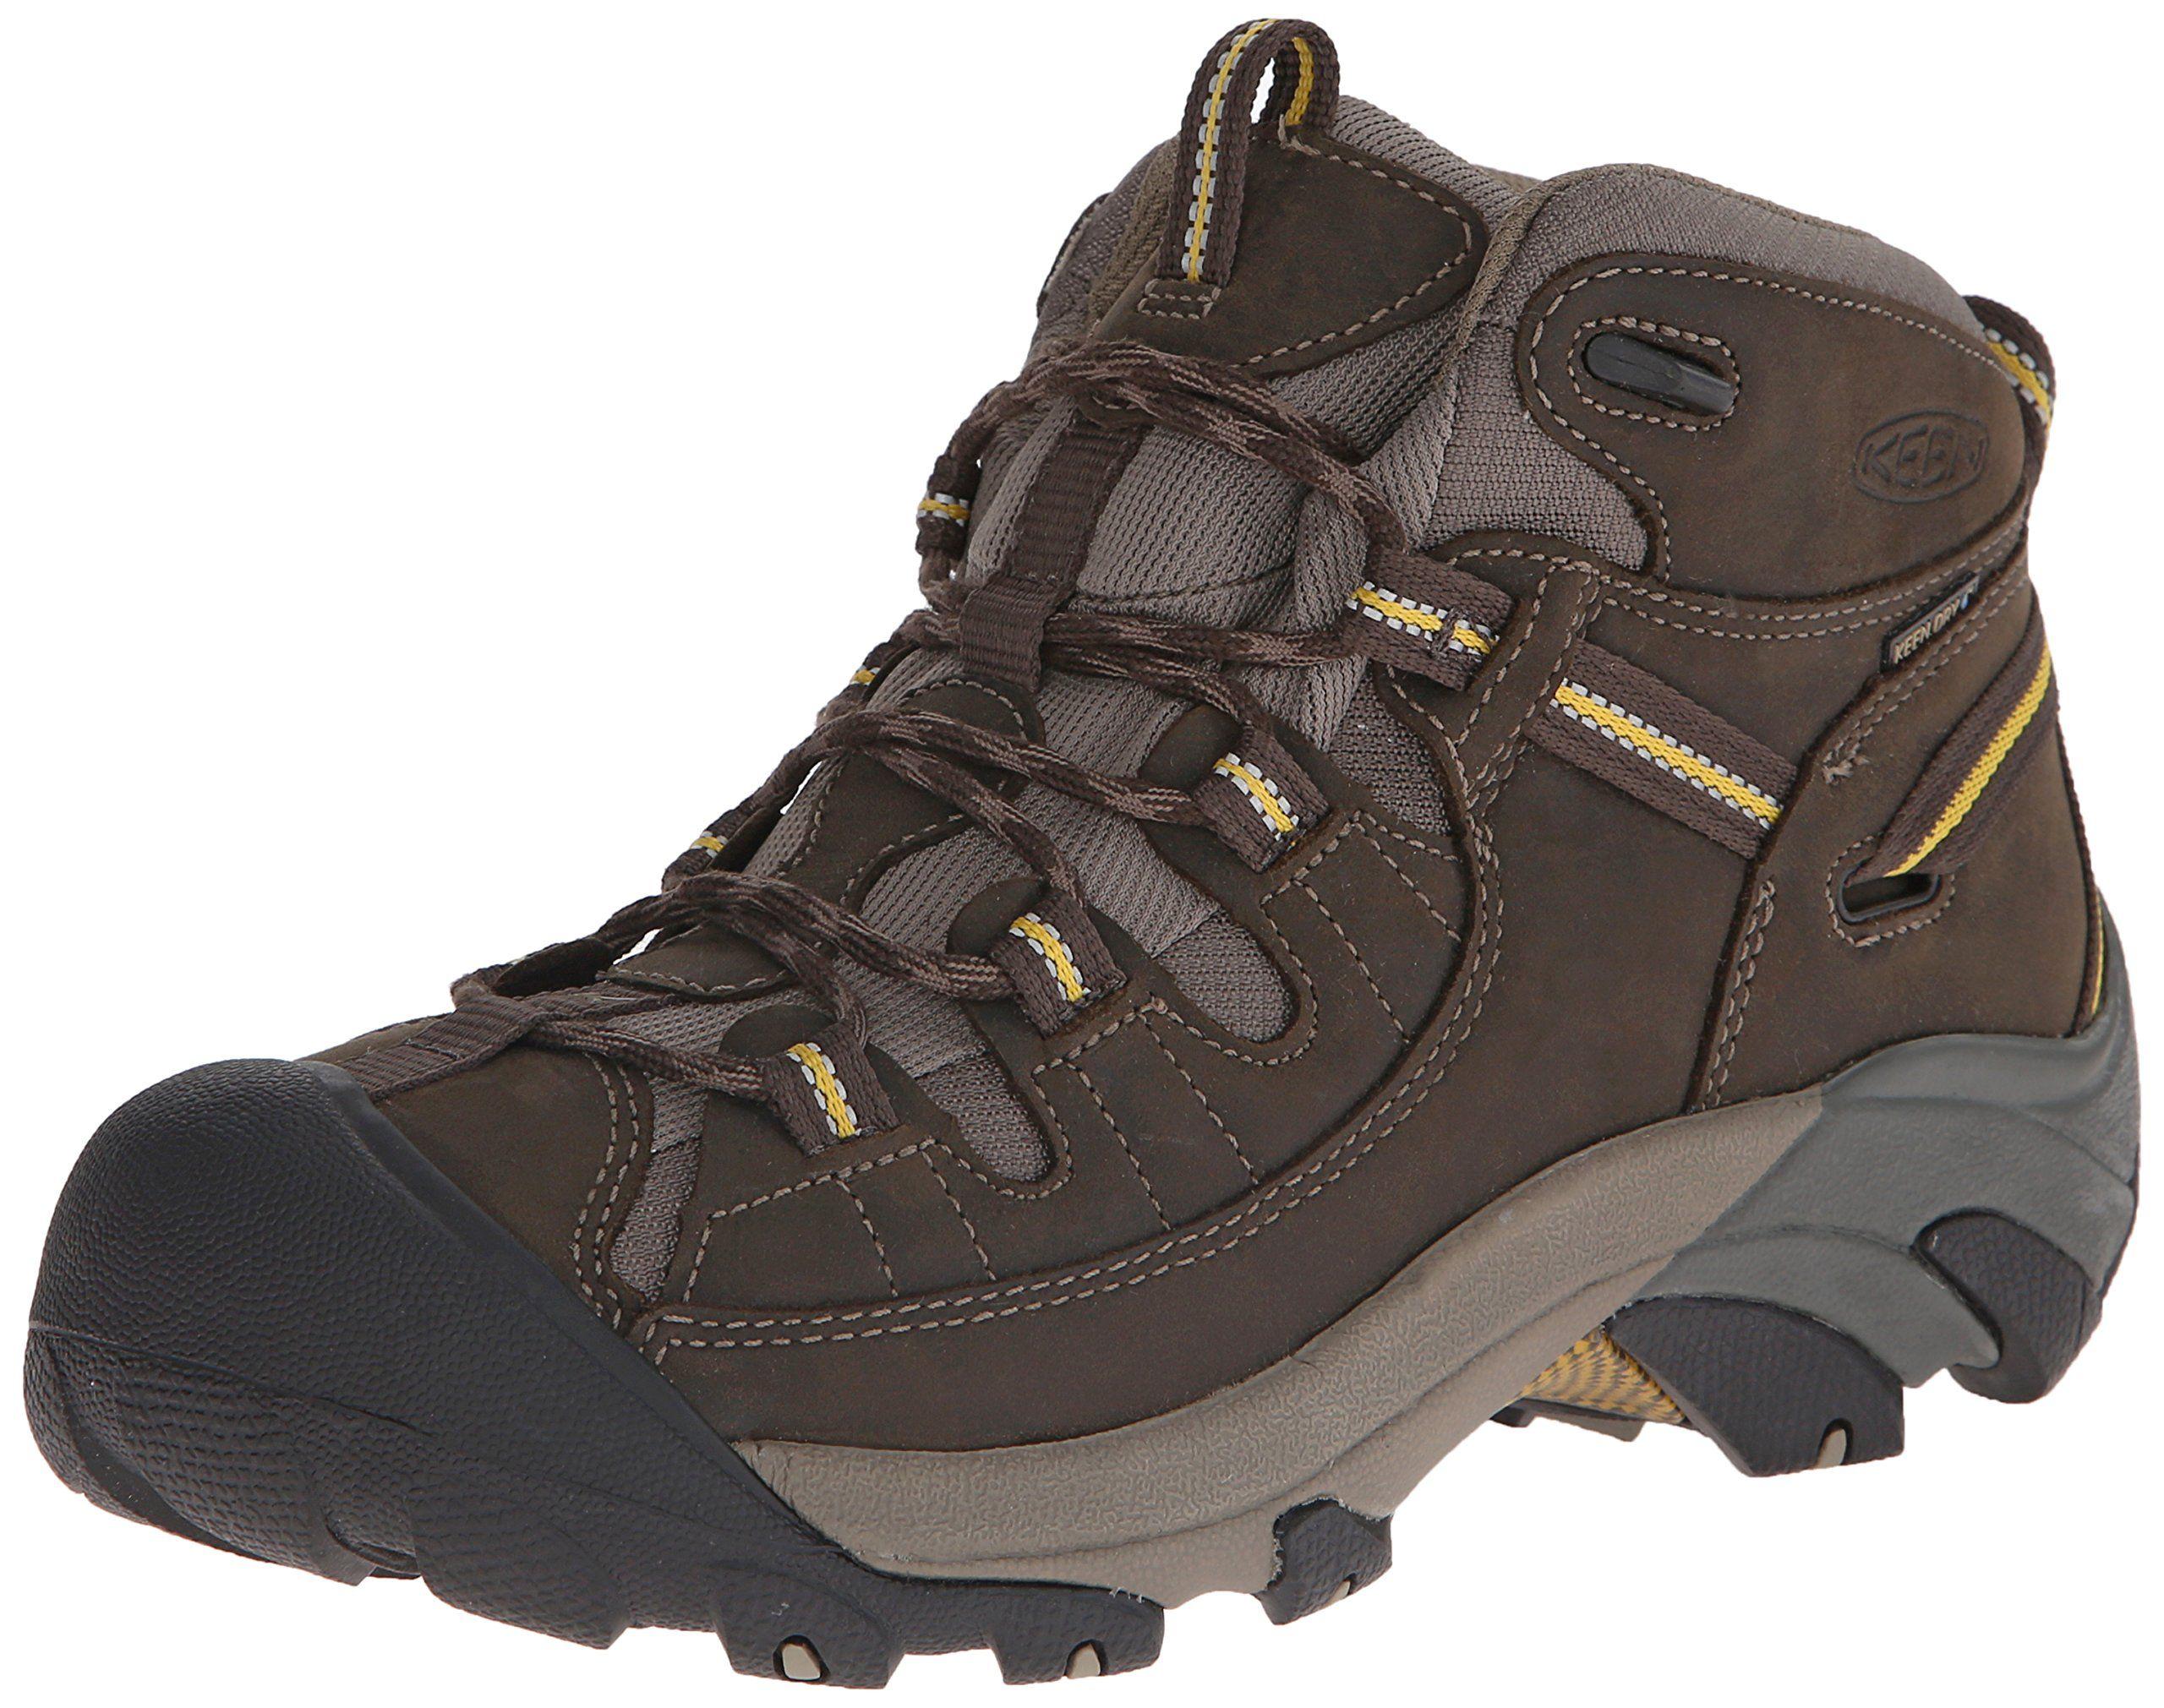 Keen Men S Targhee Ii Mid Waterproof Hiking Boot Black Olive